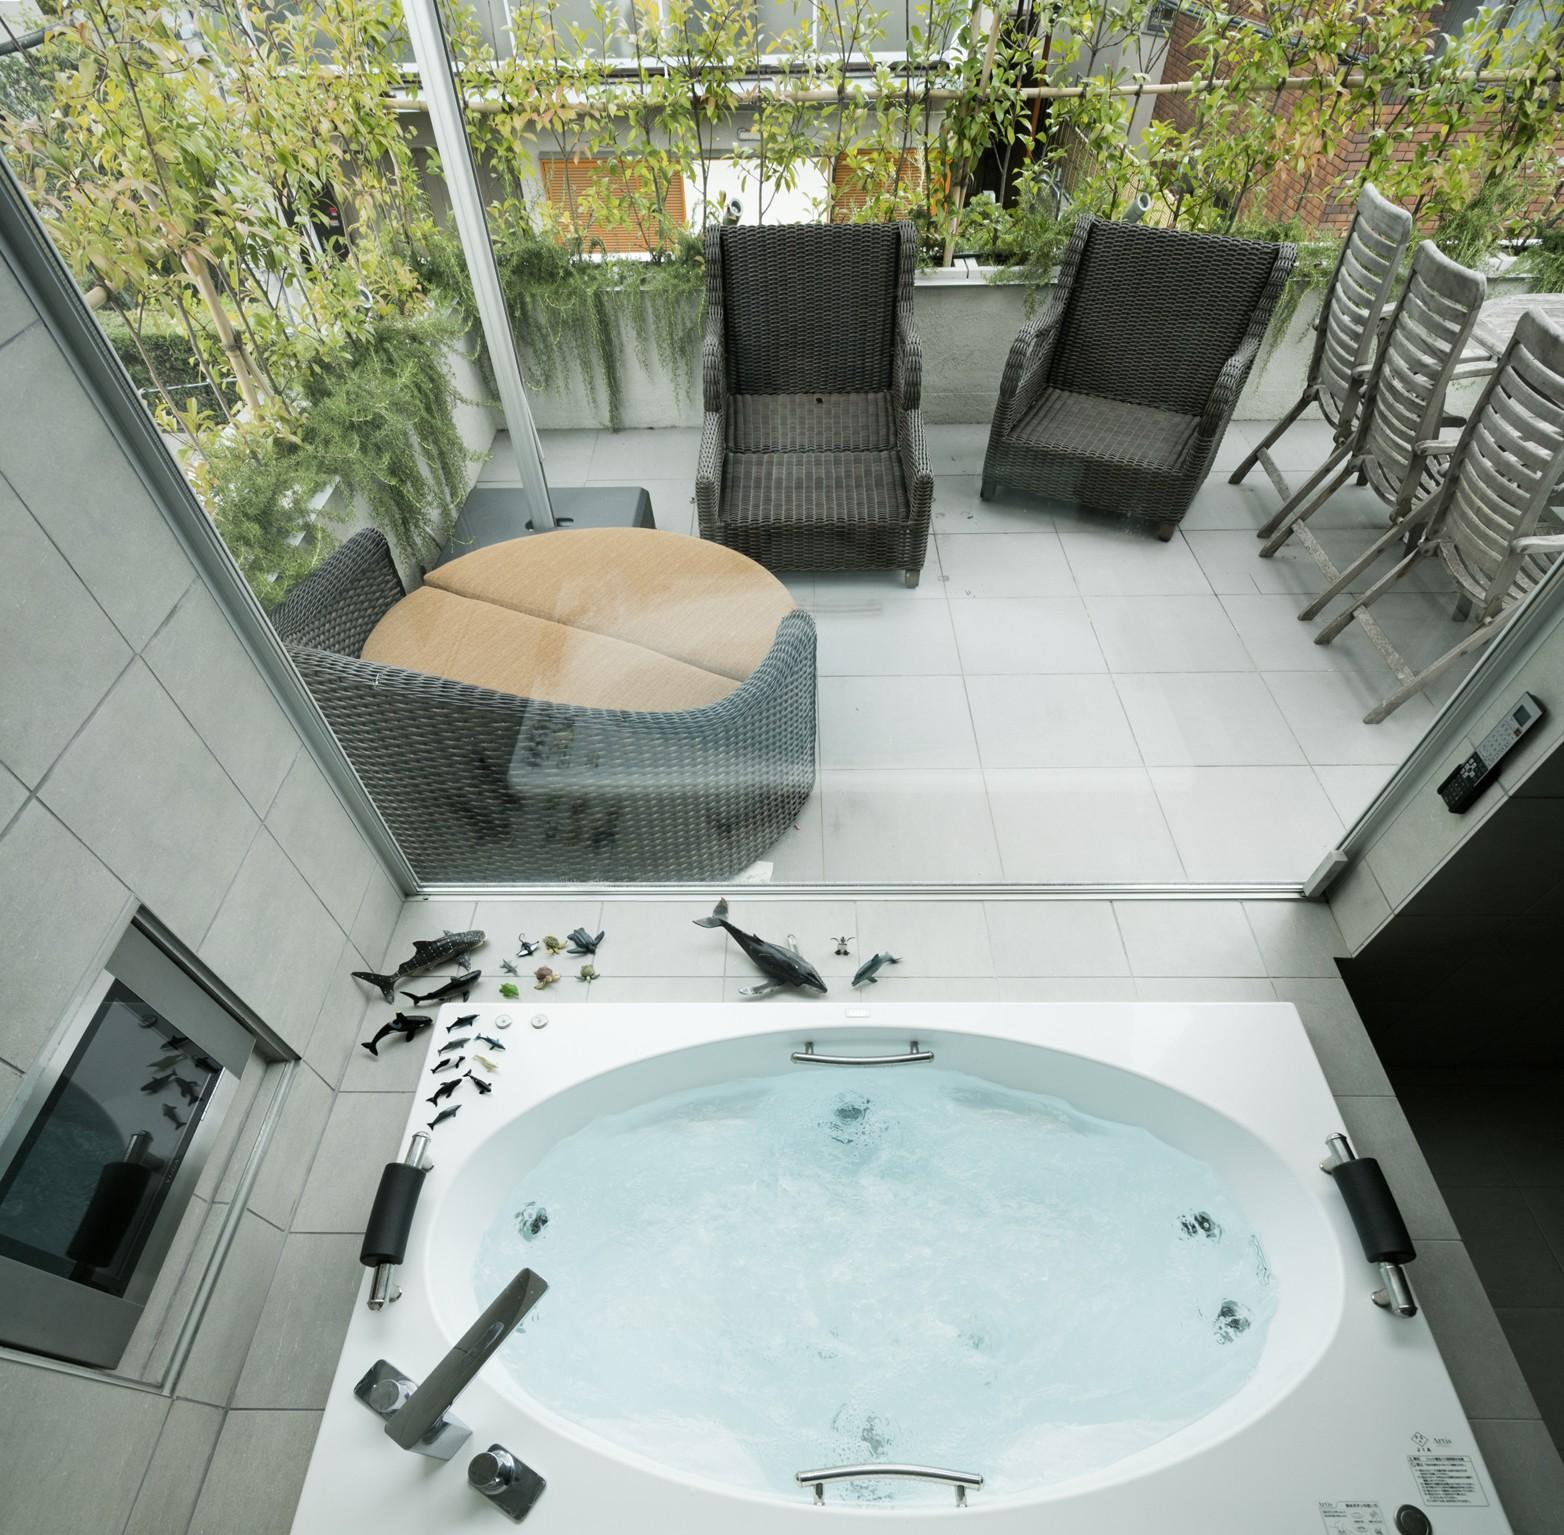 リビングダイニング事例:ジャグジー浴槽(高輪台の家、こだわりの施主と作り上げたバーカウンターのある大型住まい)